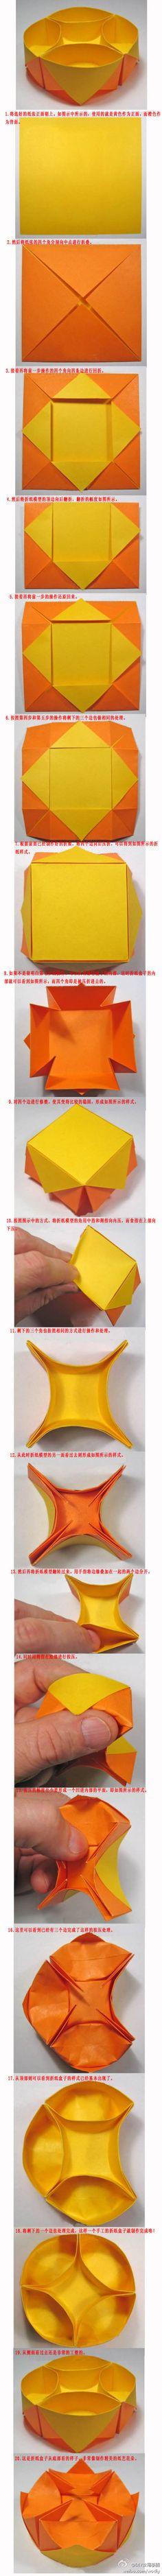 paper fold conteiner